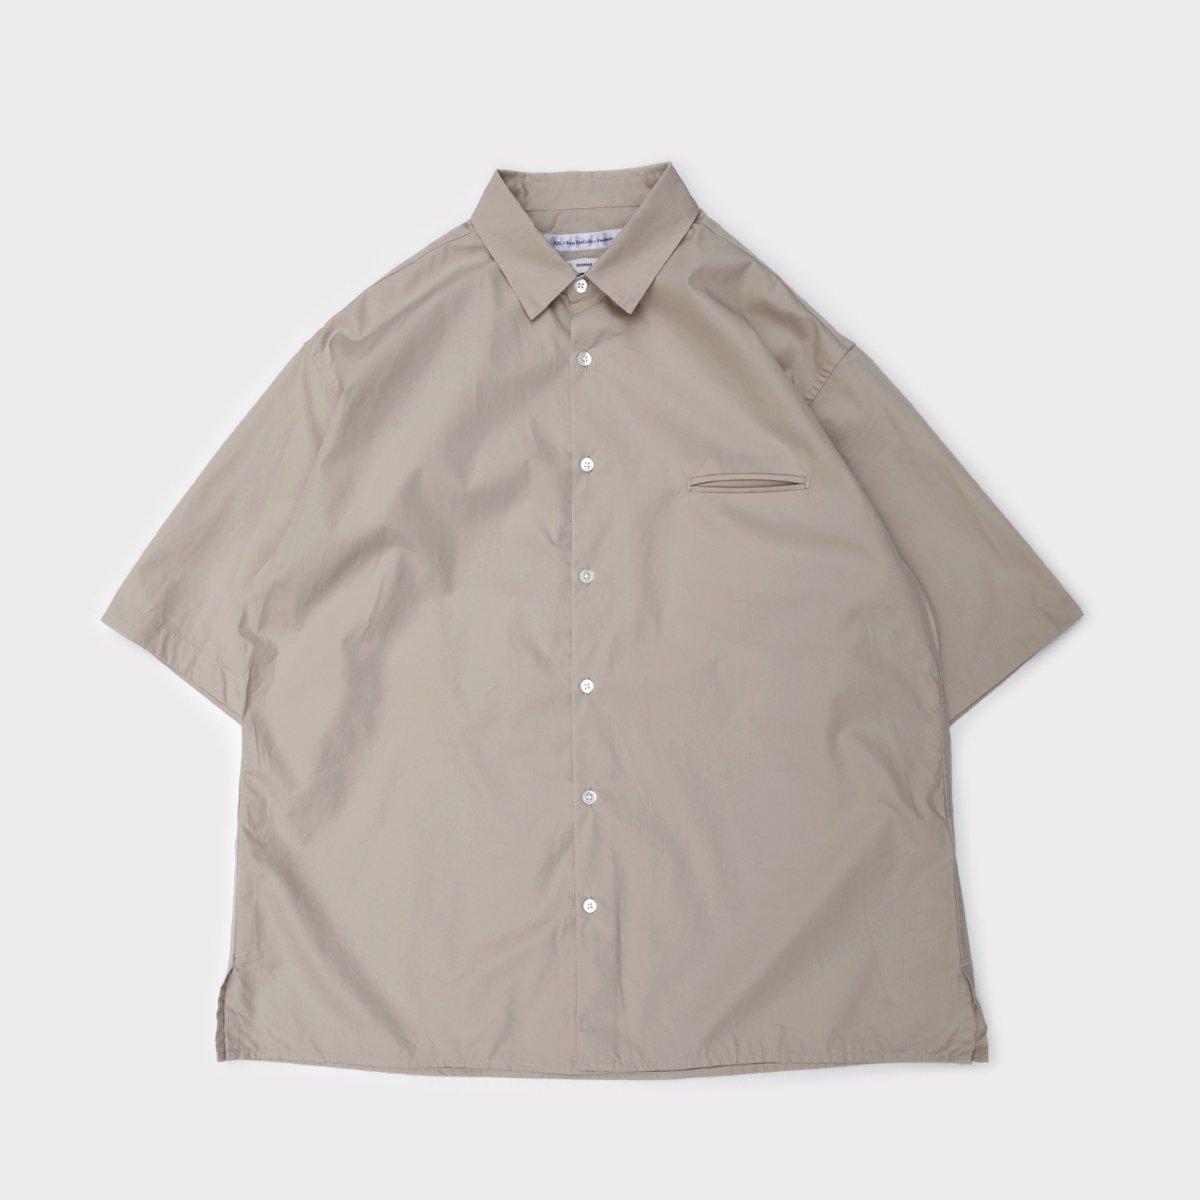 Grooming Shirt S/S  Beige